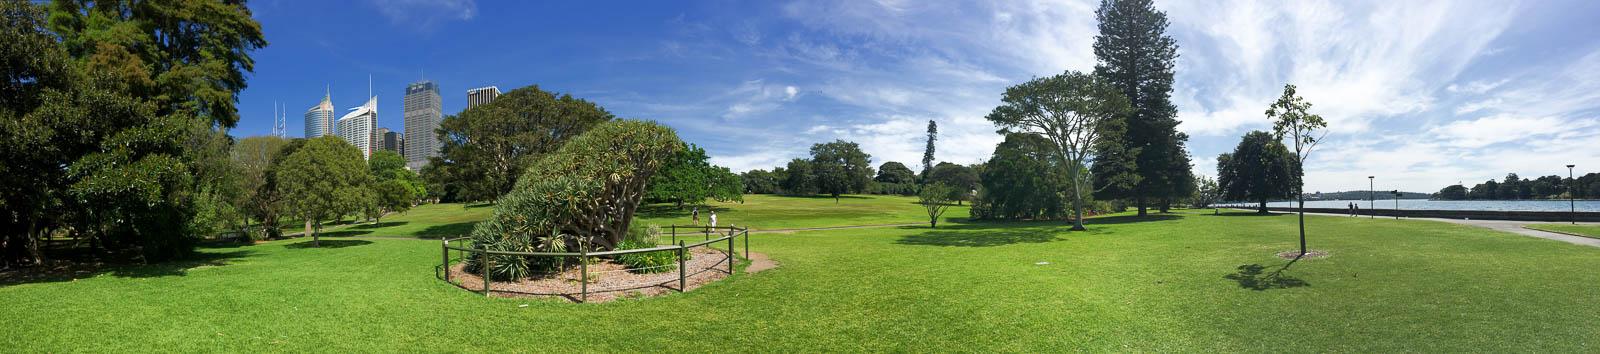 sydney-royal-botanic-gardens3